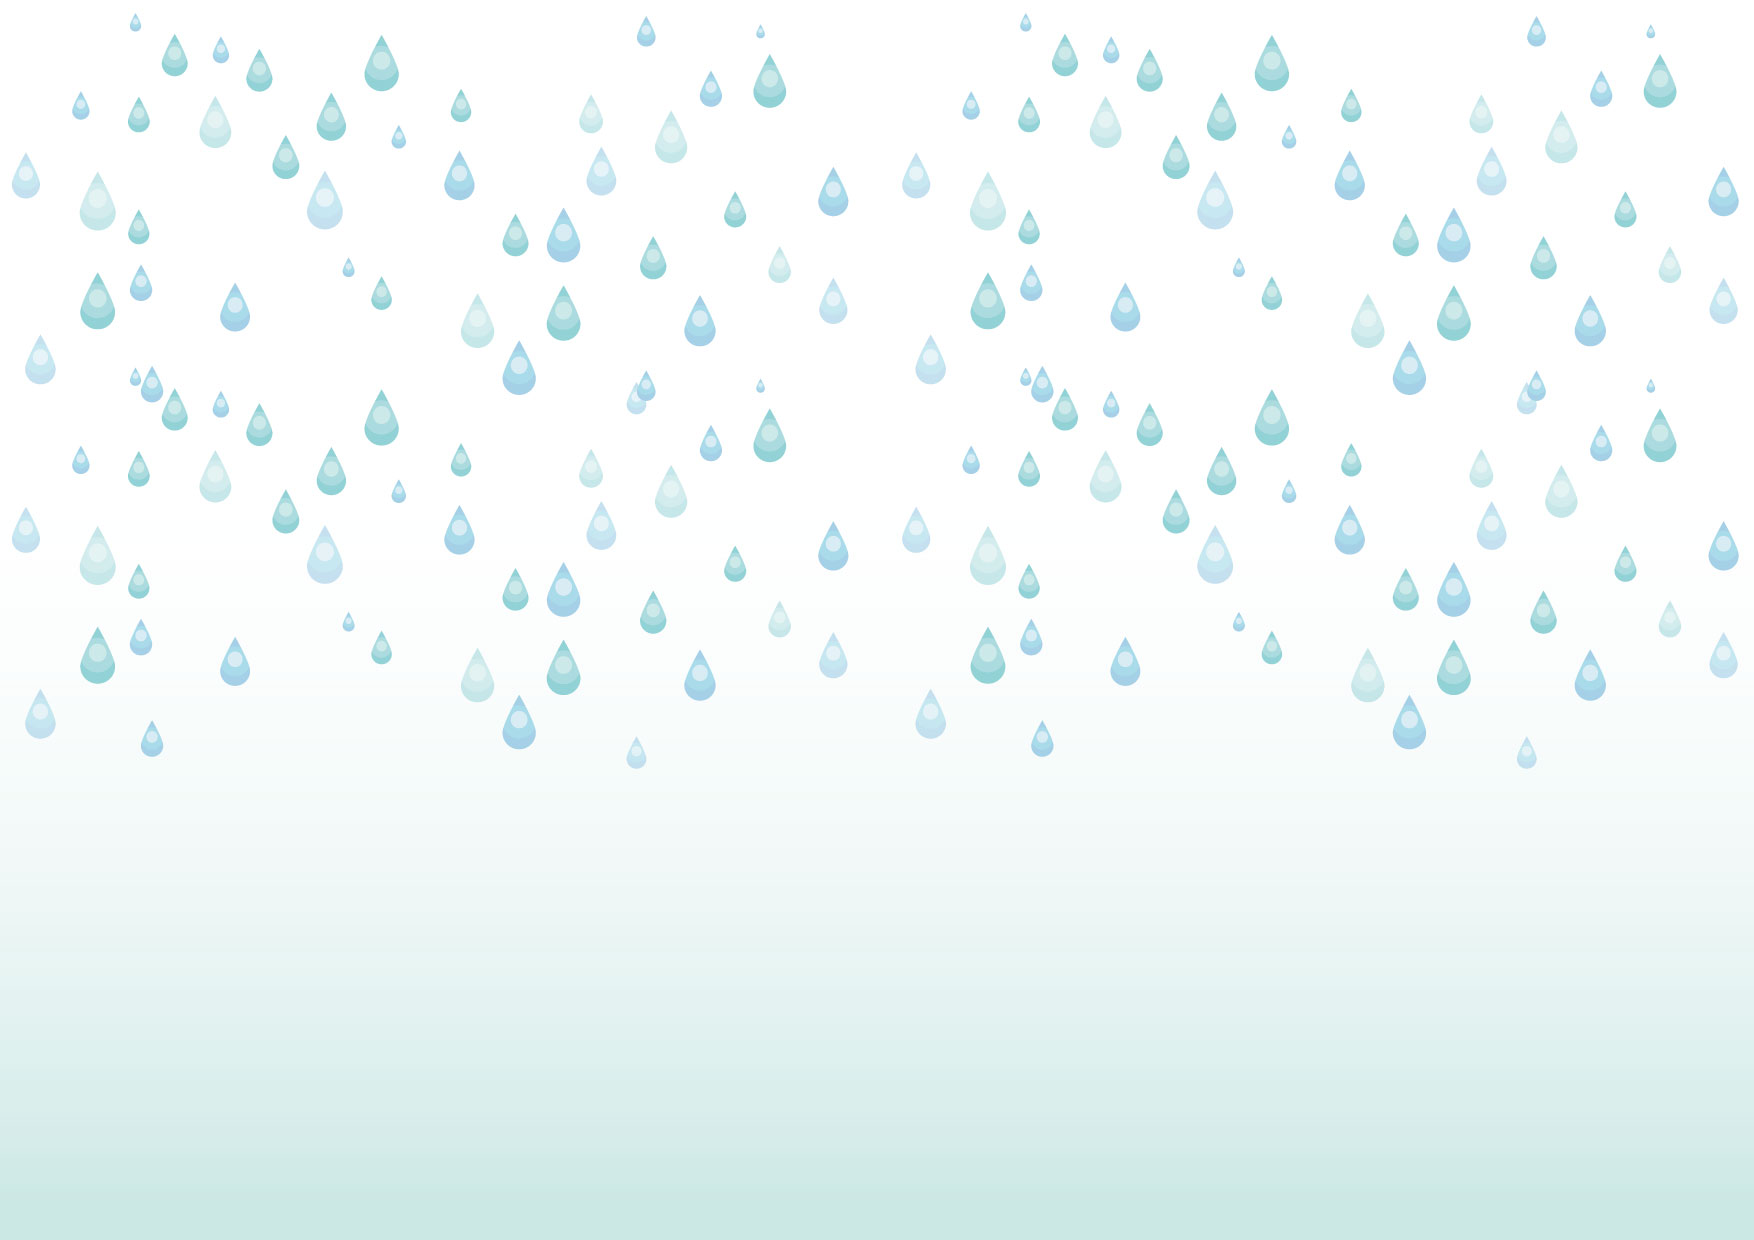 水玉 梅雨 背景 イラスト 無料 | イラストダウンロード